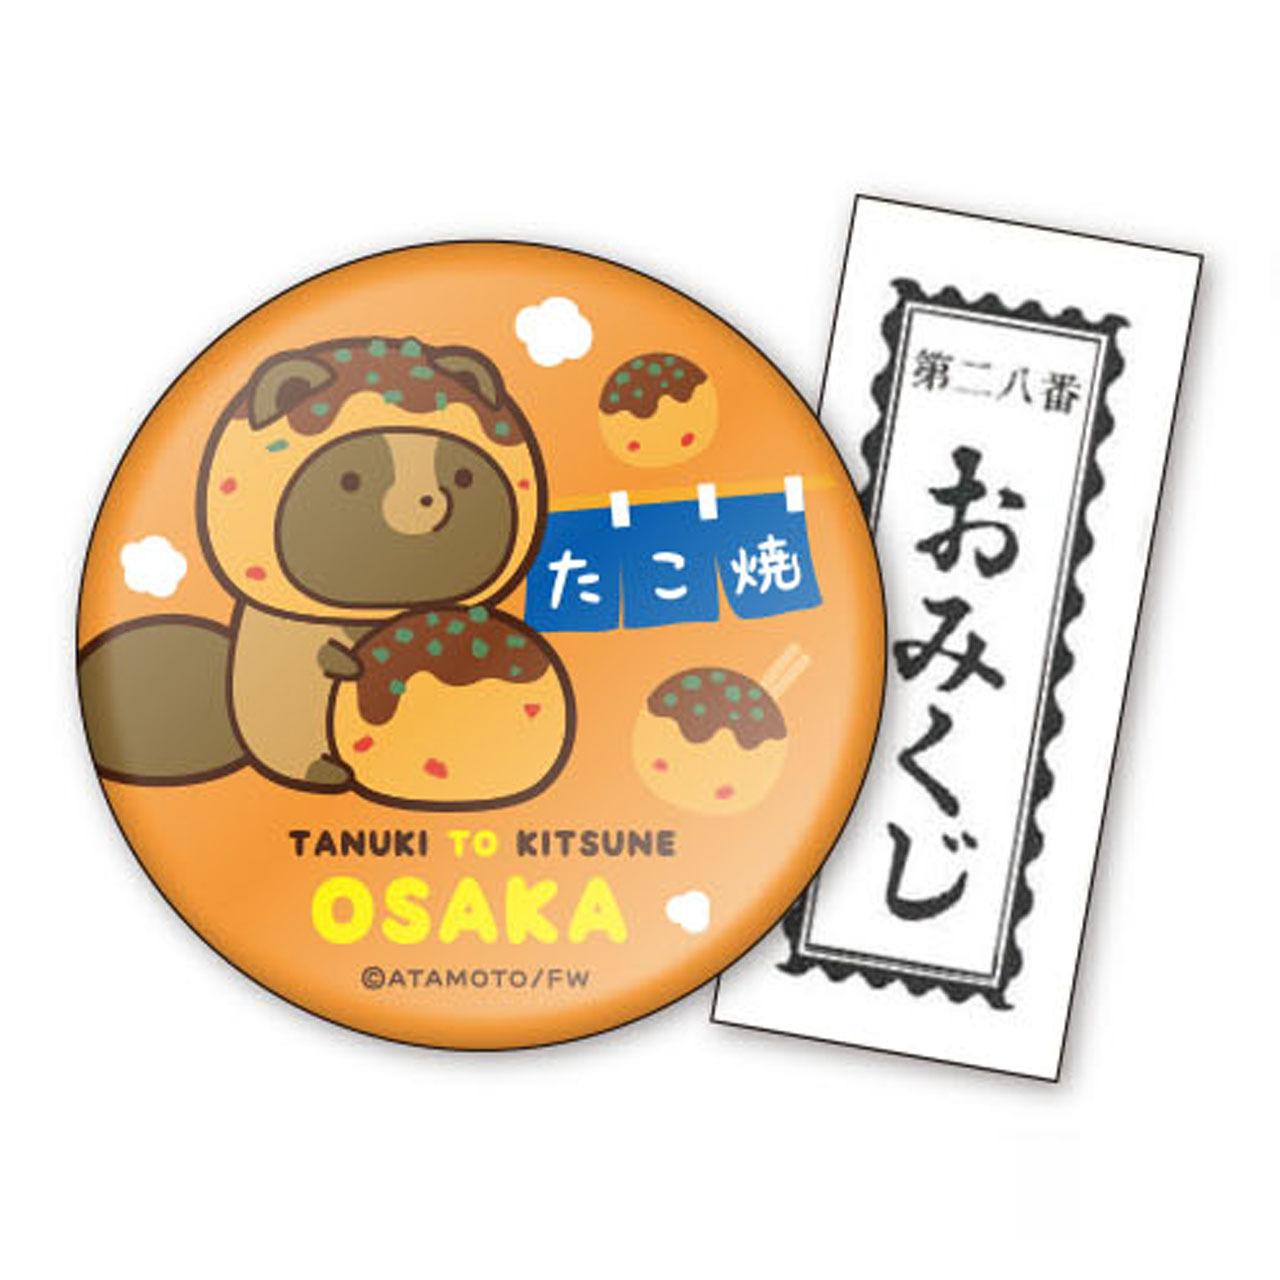 タヌキとキツネ(たこ焼き)タヌキ 缶バッジ